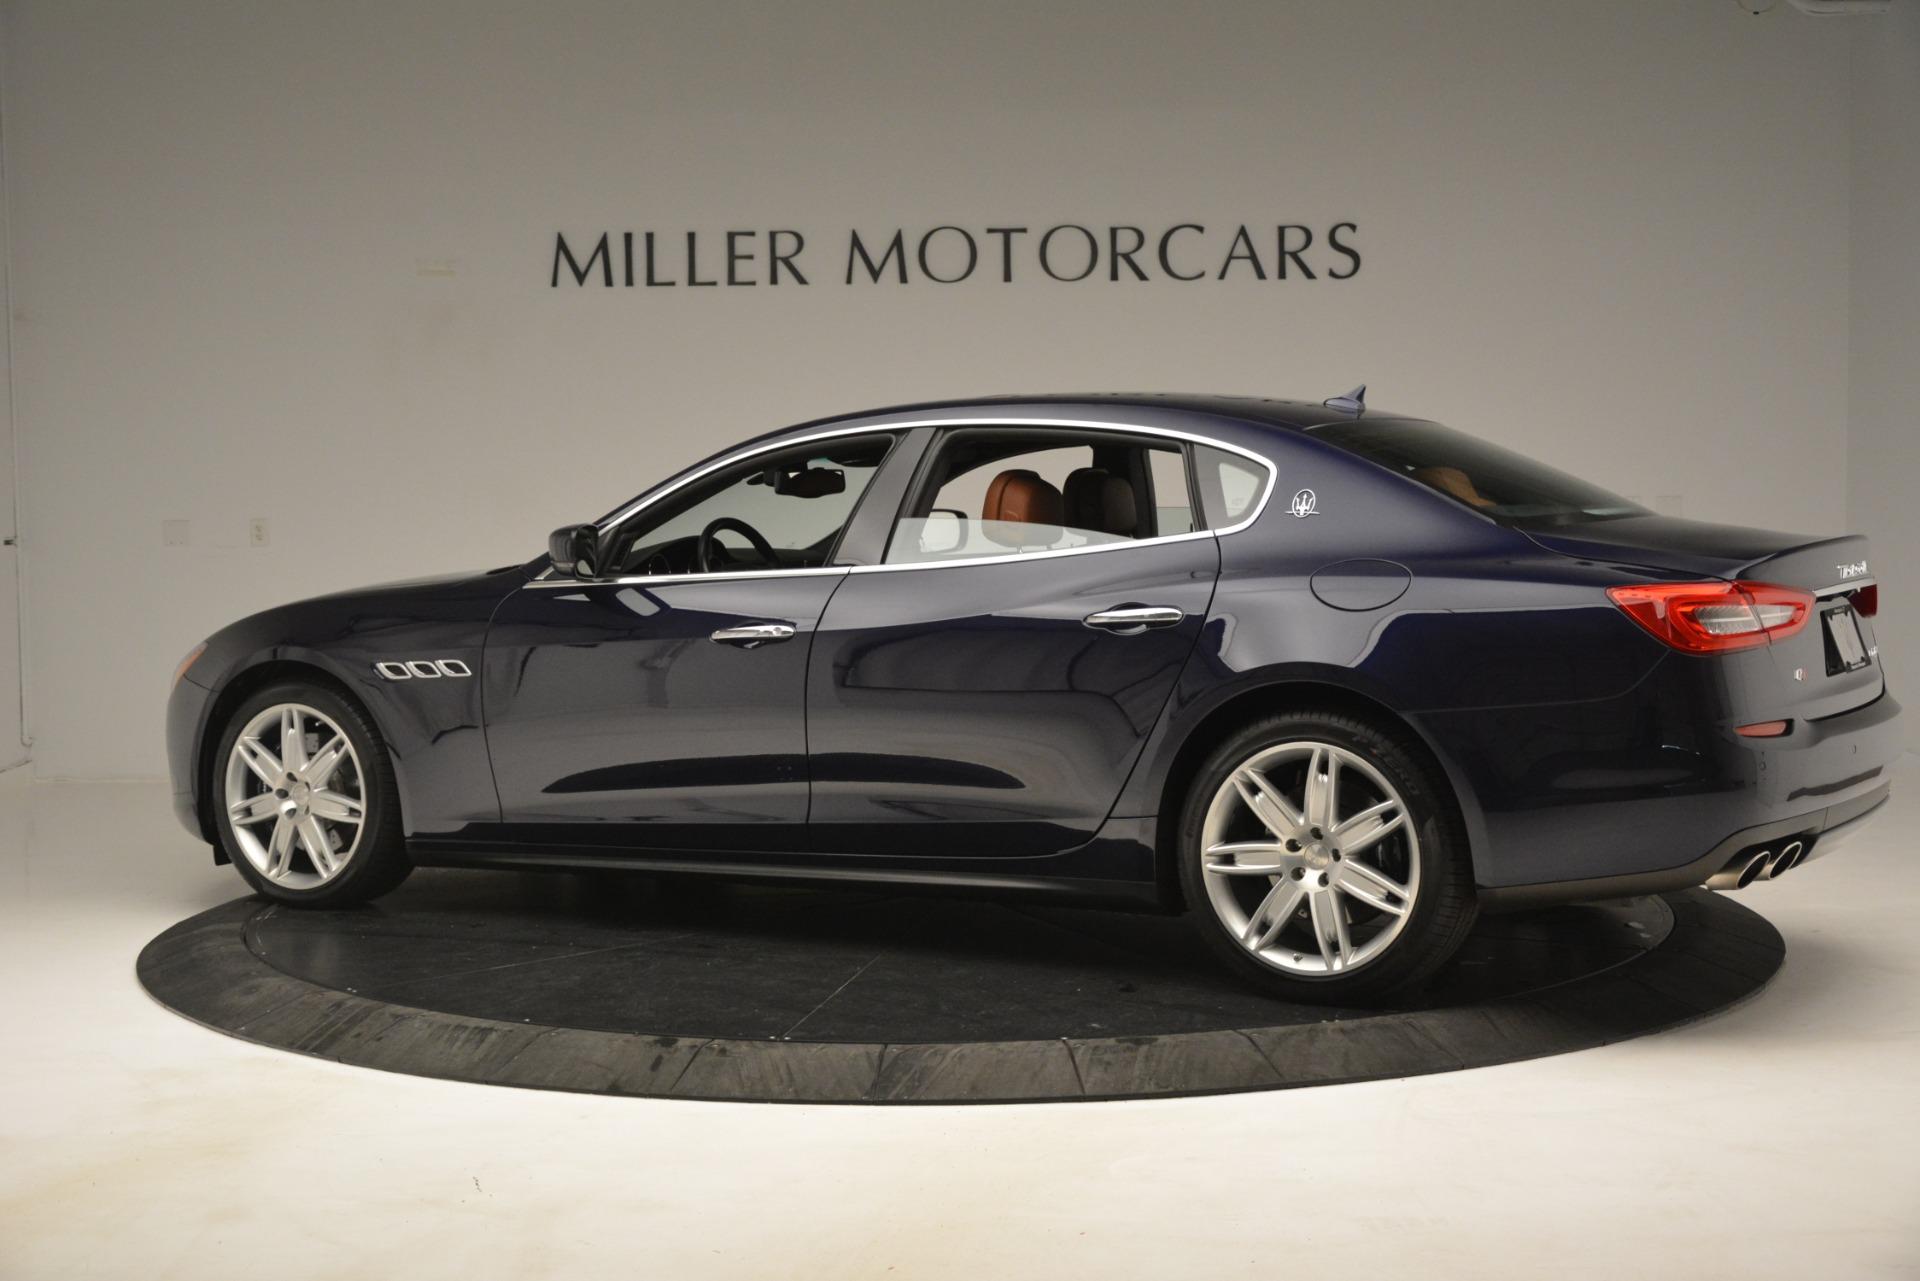 Used 2015 Maserati Quattroporte S Q4 For Sale In Greenwich, CT 3058_p4